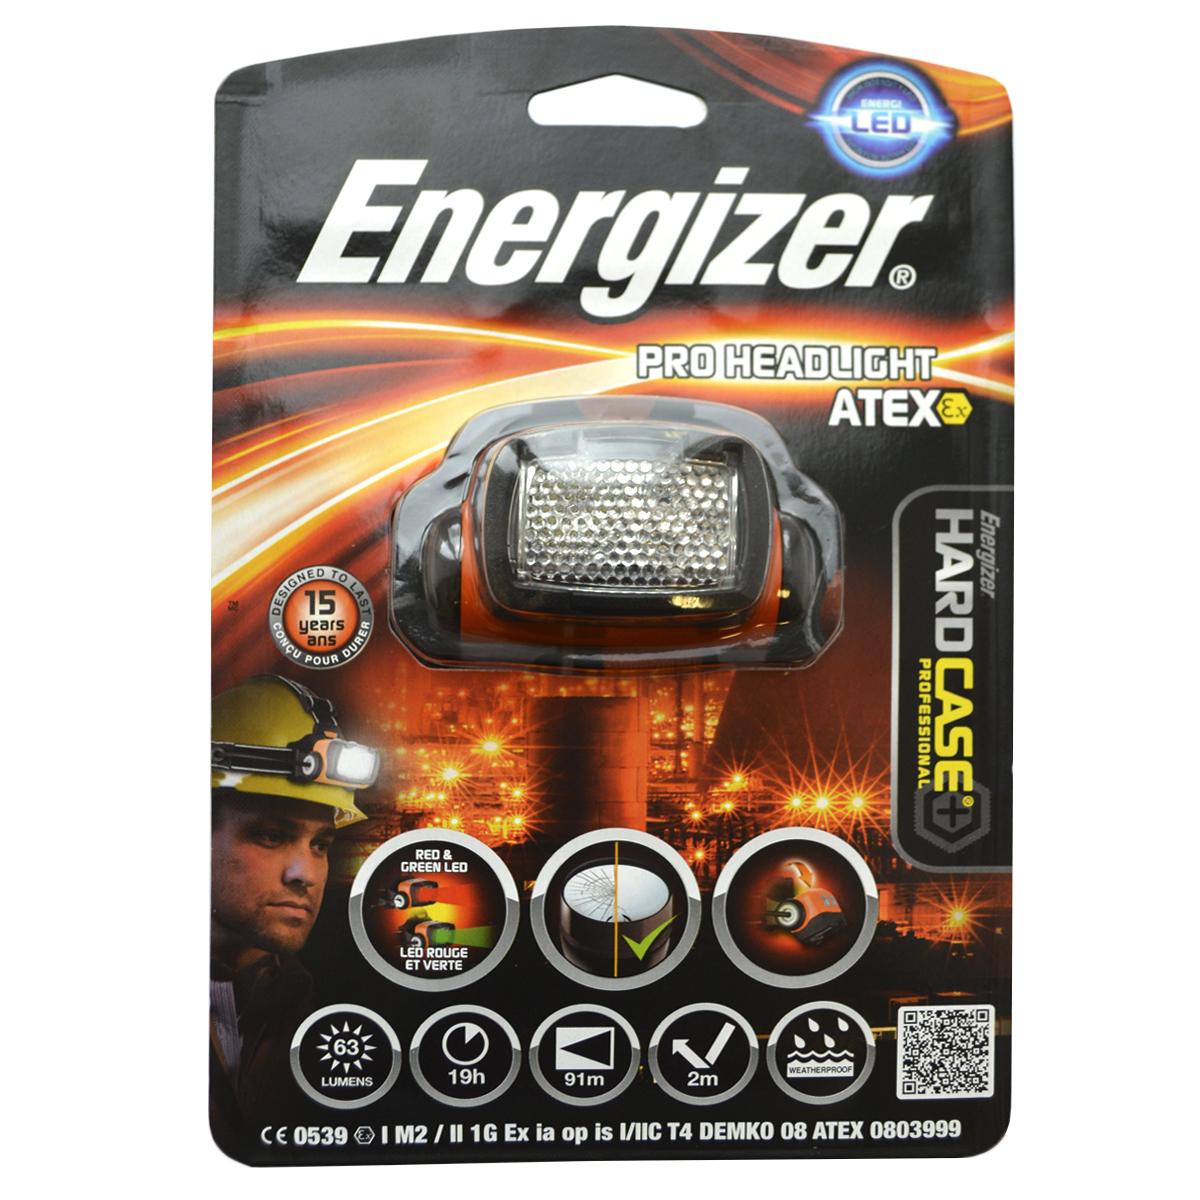 Налобный фонарь Energizer ATEX HLEOCH-011-й класс, 1-й разрядПоворотный световой блок позволяет направлять луч туда, куда нужноПоддерживает четыре режима свечения – сильный и слабый белый, красный для ночного видения и зеленый для осмотраУбирающиеся линзы, рассеивающие направленный свет, чтобы обеспечить яркое зональное освещениеРасположенный сзади батарейный блок равномерно распределяет вес для комфортного ношенияНескользящий ремень надежно фиксирует фонарьЧрезвычайно длительный срок службы – рассчитан на 15 летБезосколочные линзыРаботает от 3 батареек типоразмера AA